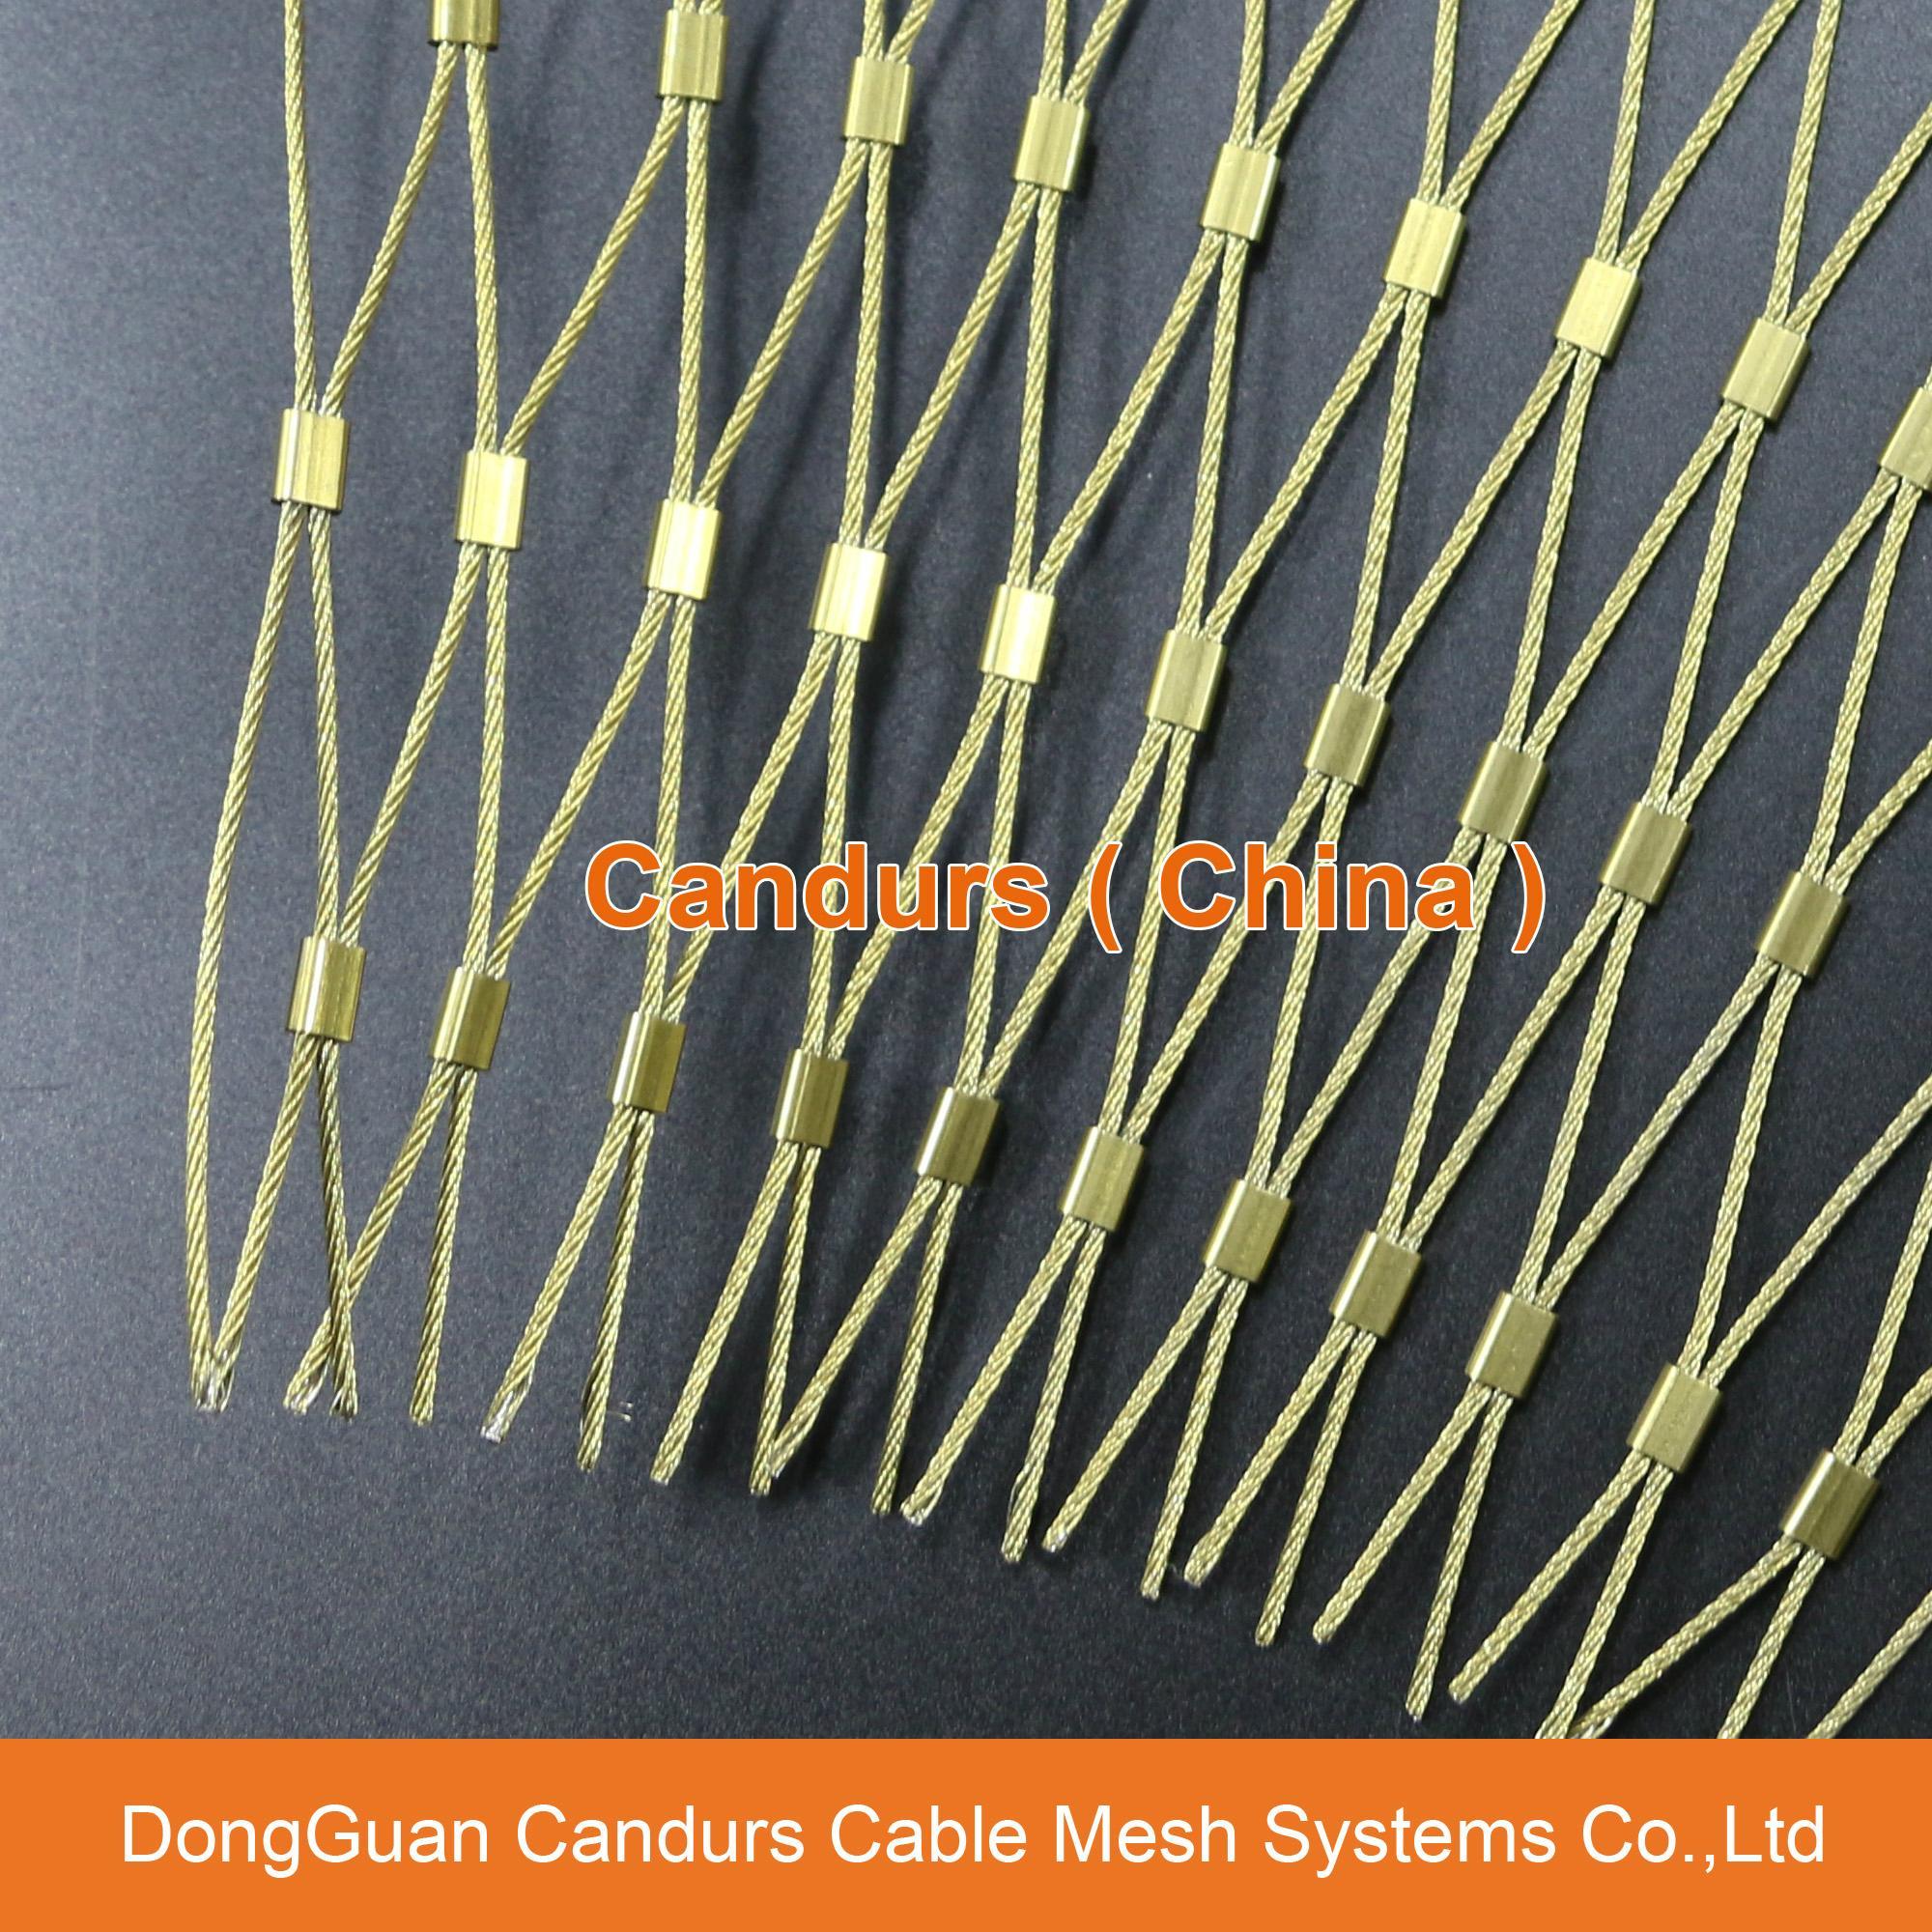 不鏽鋼絲繩外牆裝飾網 17